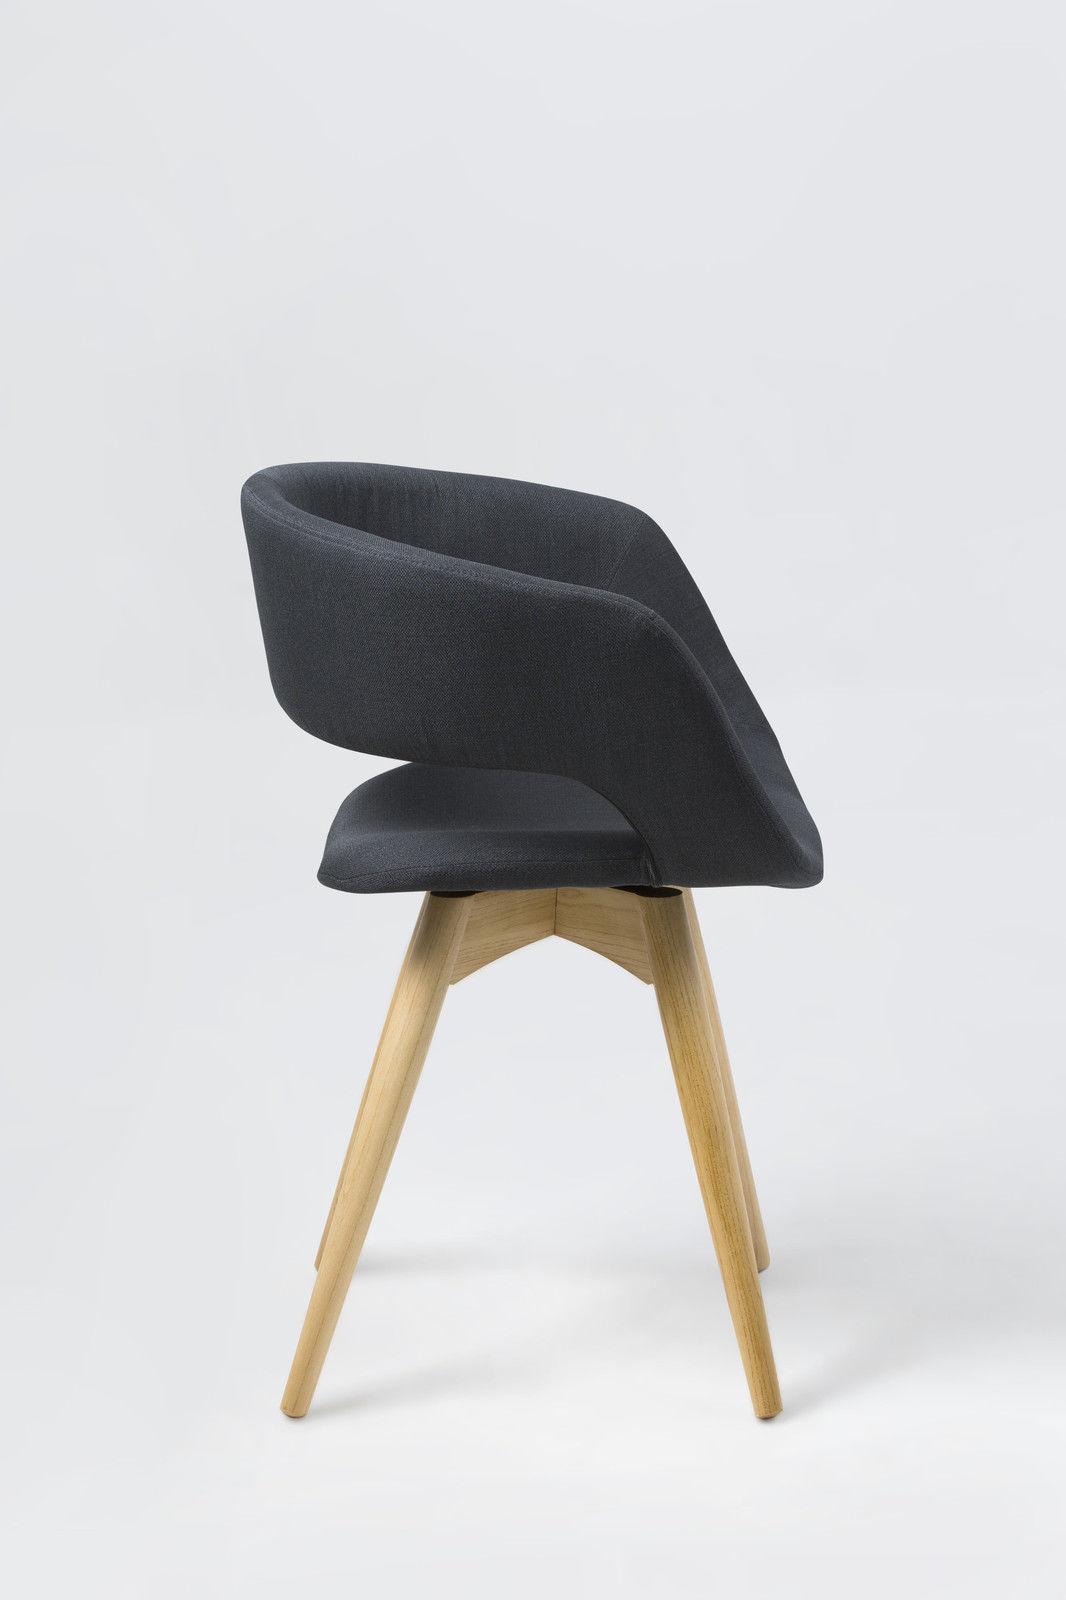 pkline esszimmerstuhl in dunkelgrau esszimmer holz stuhl. Black Bedroom Furniture Sets. Home Design Ideas